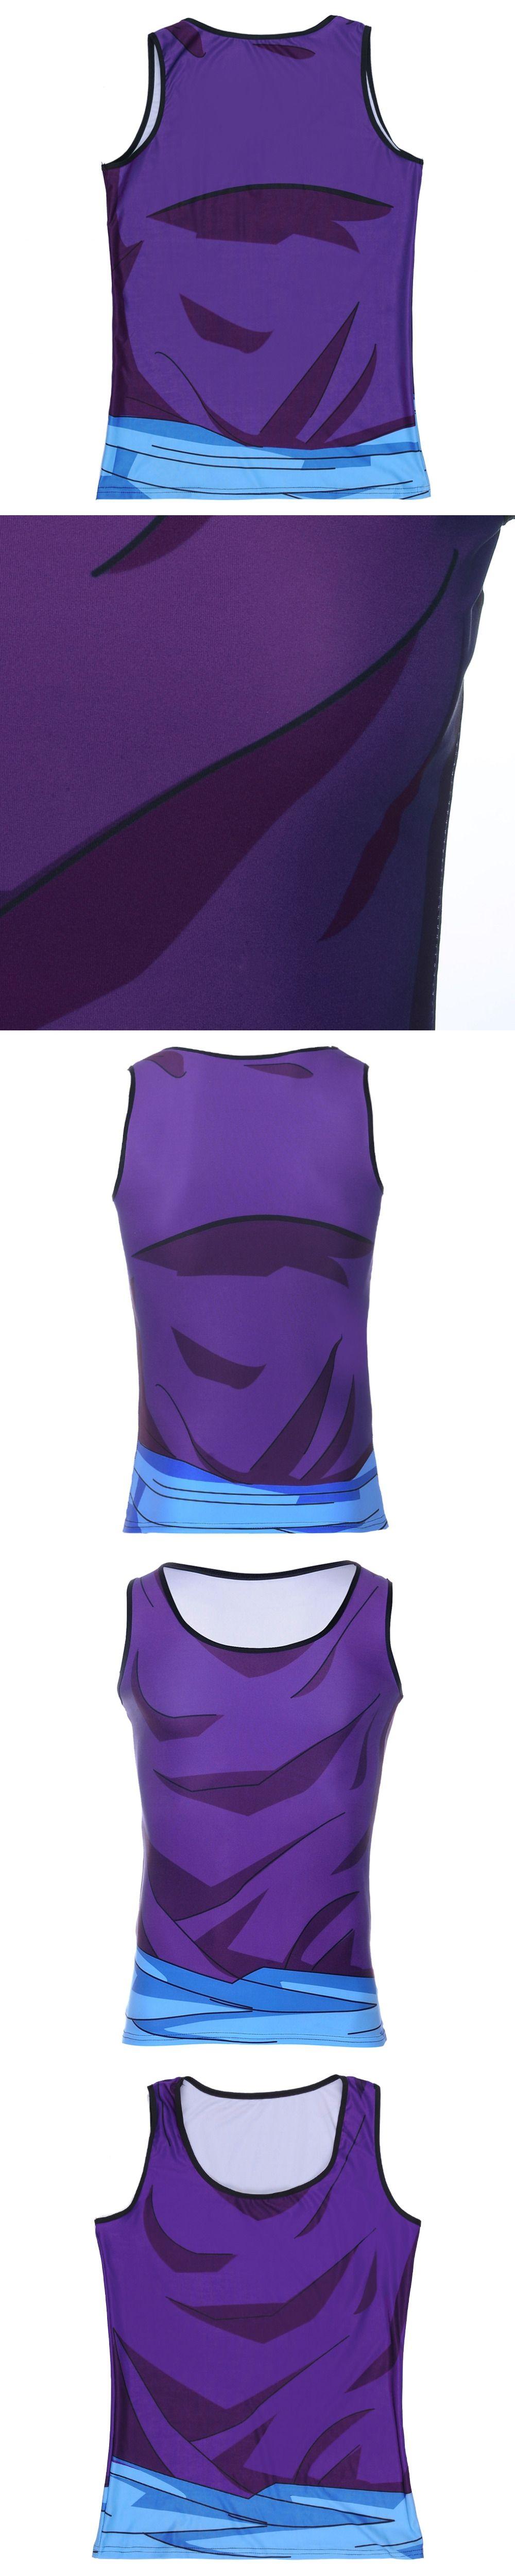 178c7b27ee2c1 Mens Brand Saiyan Goku Dragon Ball Vest O-Neck High New Hot Fitness Tank  Tops